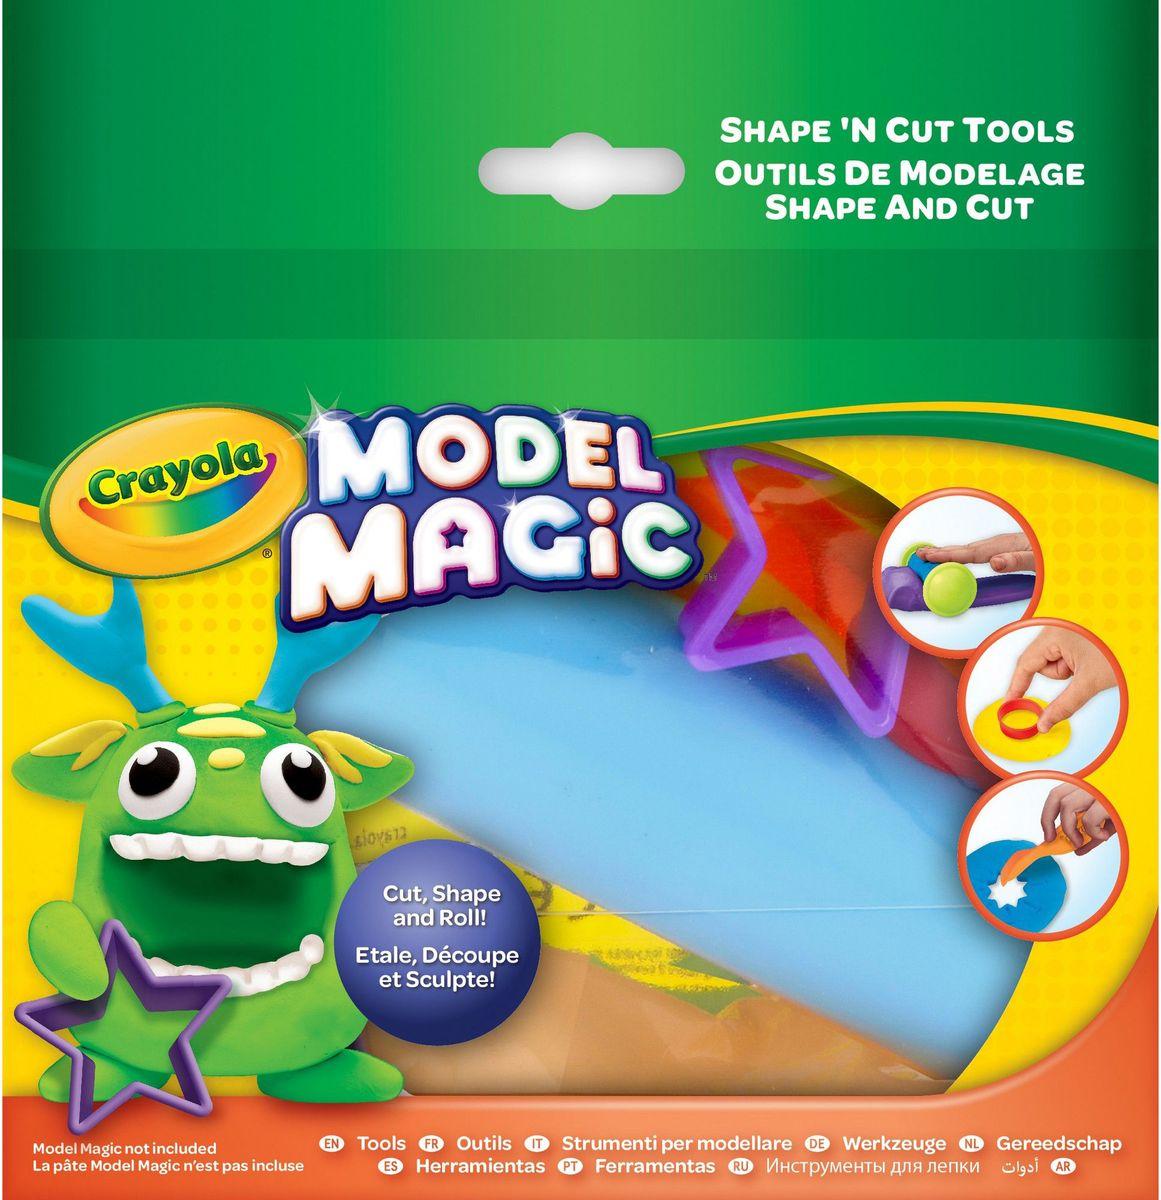 Crayola Набор инструментов для лепки пластилином84701ОНабор инструментов для лепки Crayola предназначен для деток, которым уже исполнилось четыре года. Яркие фигурки, по форме напоминающие сердечко, звездочку, кружочек, а также удобную раскатку для пластилина, помогут вашему малышу создать чудесные фигурки зверюшек, фруктиков, овощей и многое другое, что придет ему в голову. С данным набором инструментов ребенку будет не сложно придумать, что он будет лепить сегодня. Данный набор включает в себя шесть приспособление для лепки, выполненных из пластмассы высокого качества в насыщенных цветах. Упаковка квадратной формы сможет поразить малыша своими выразительными цветами.